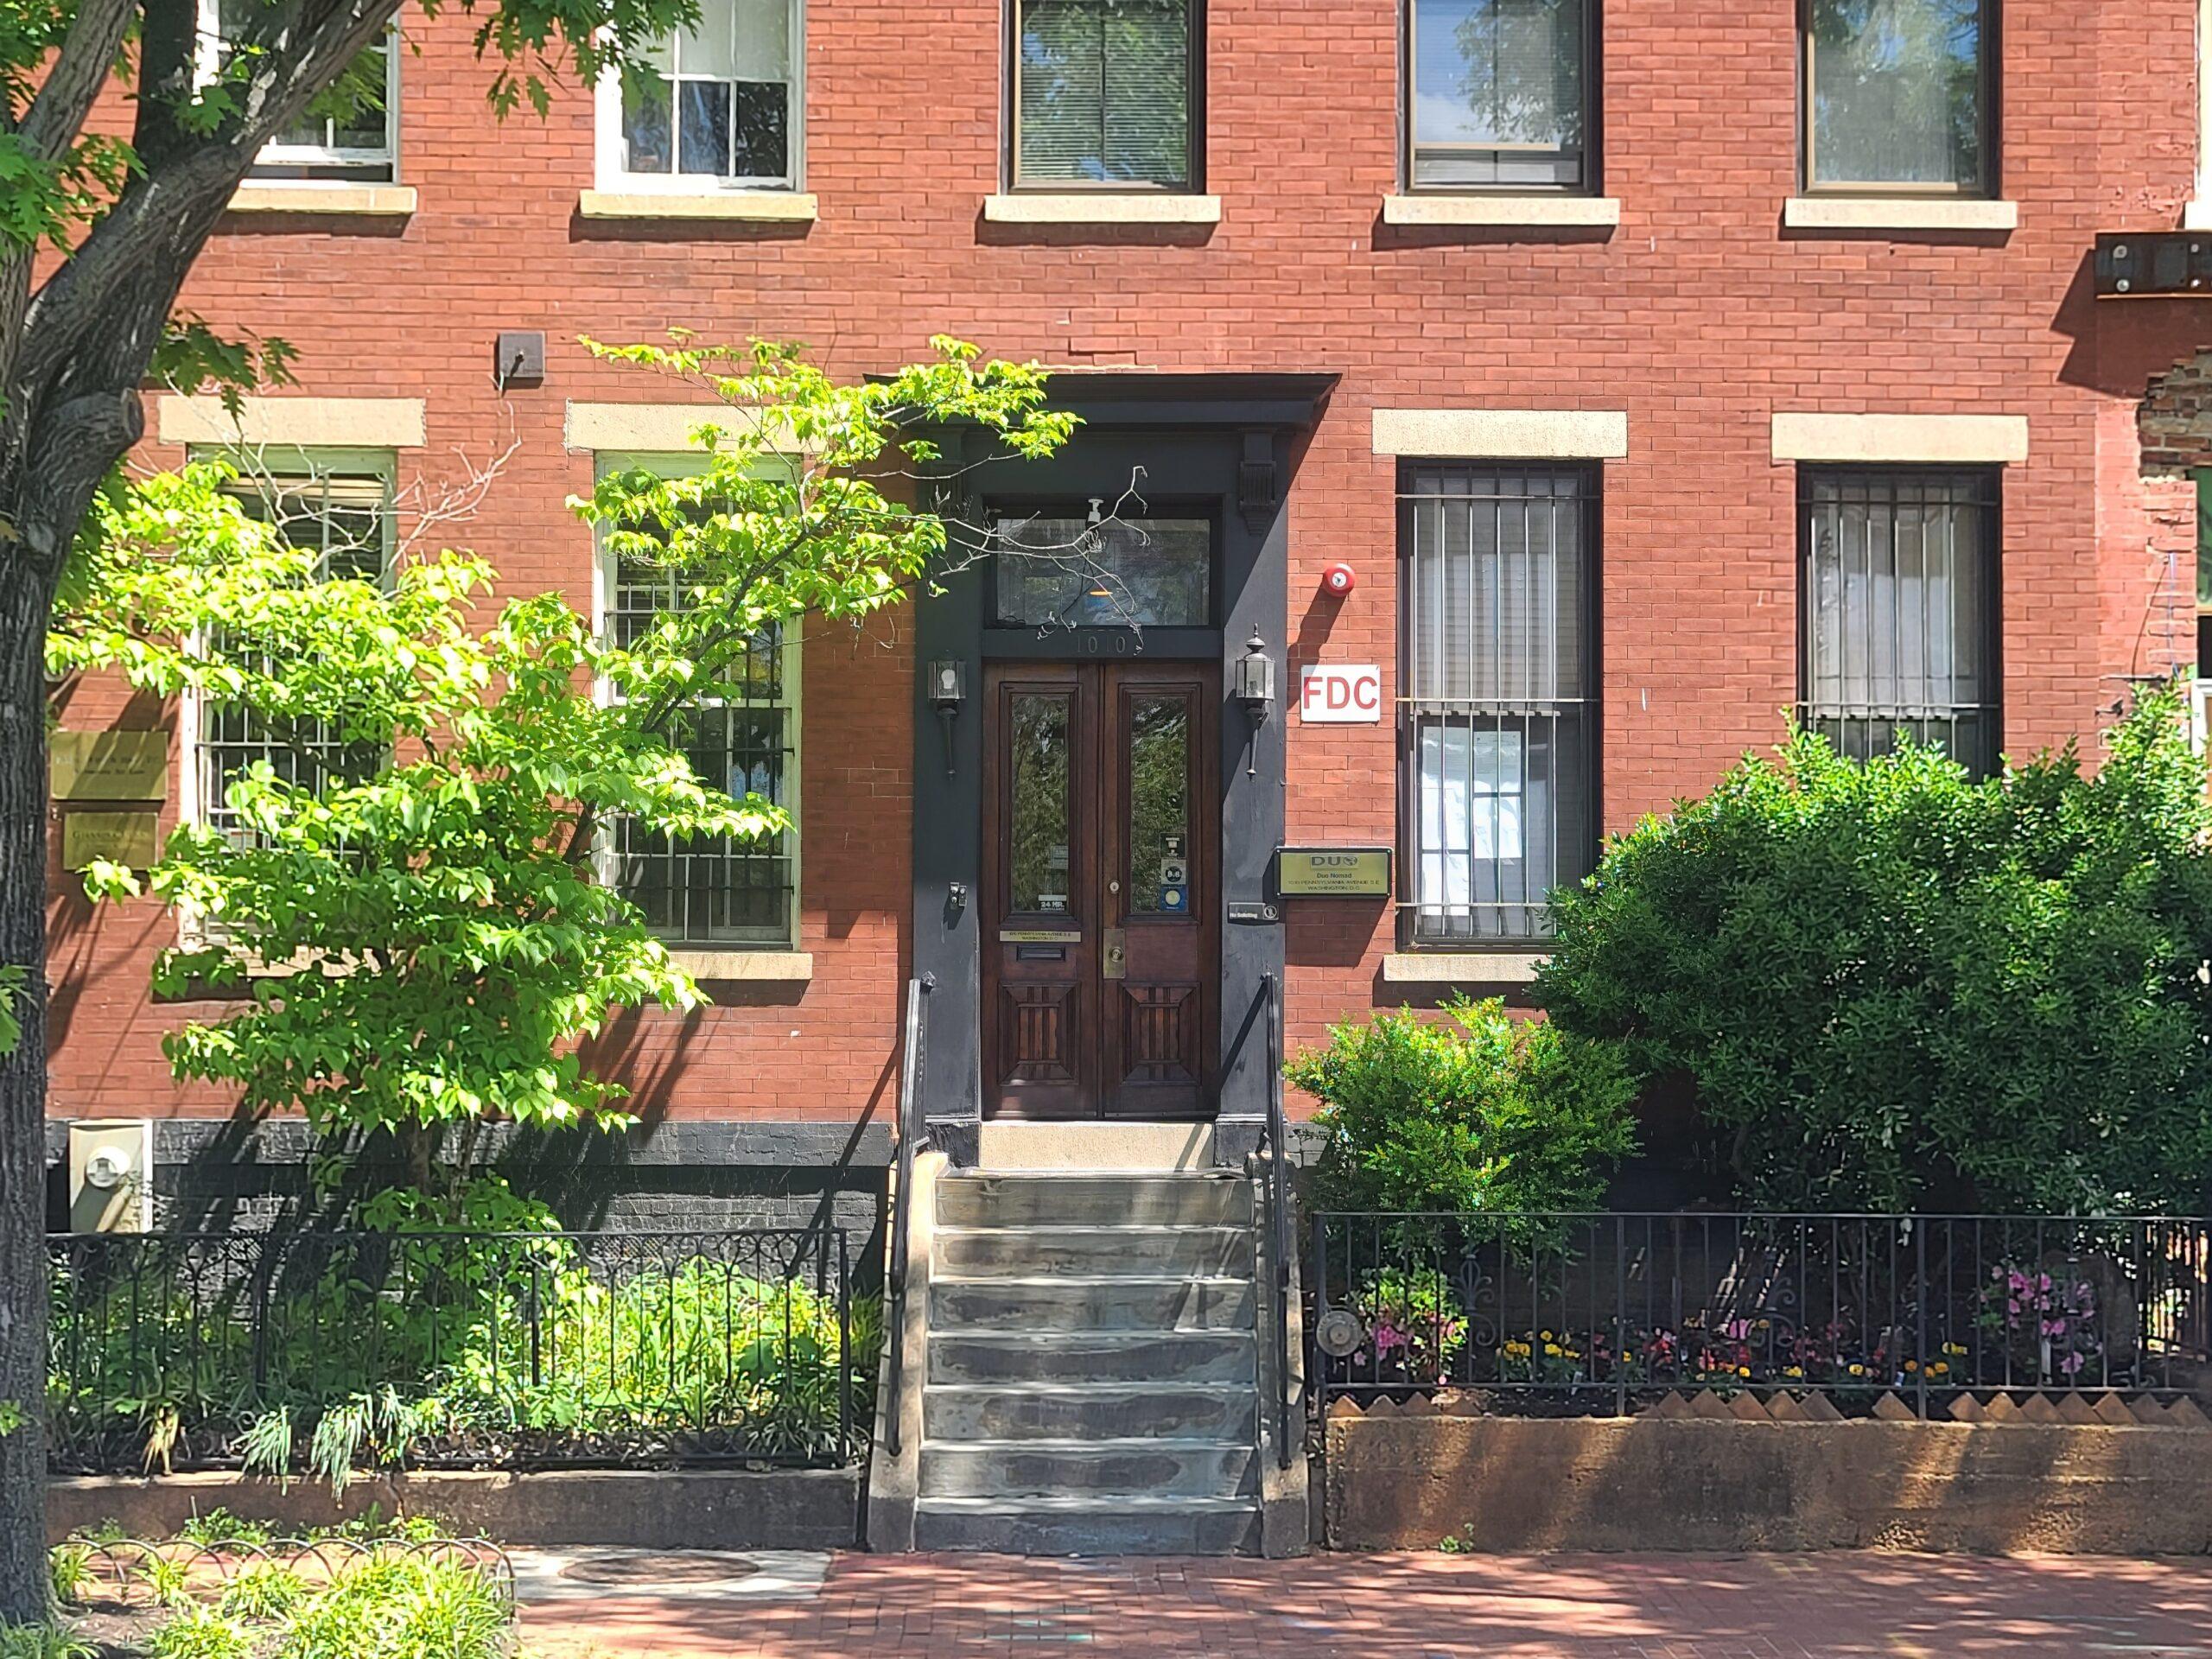 DUO NOMAD front door view